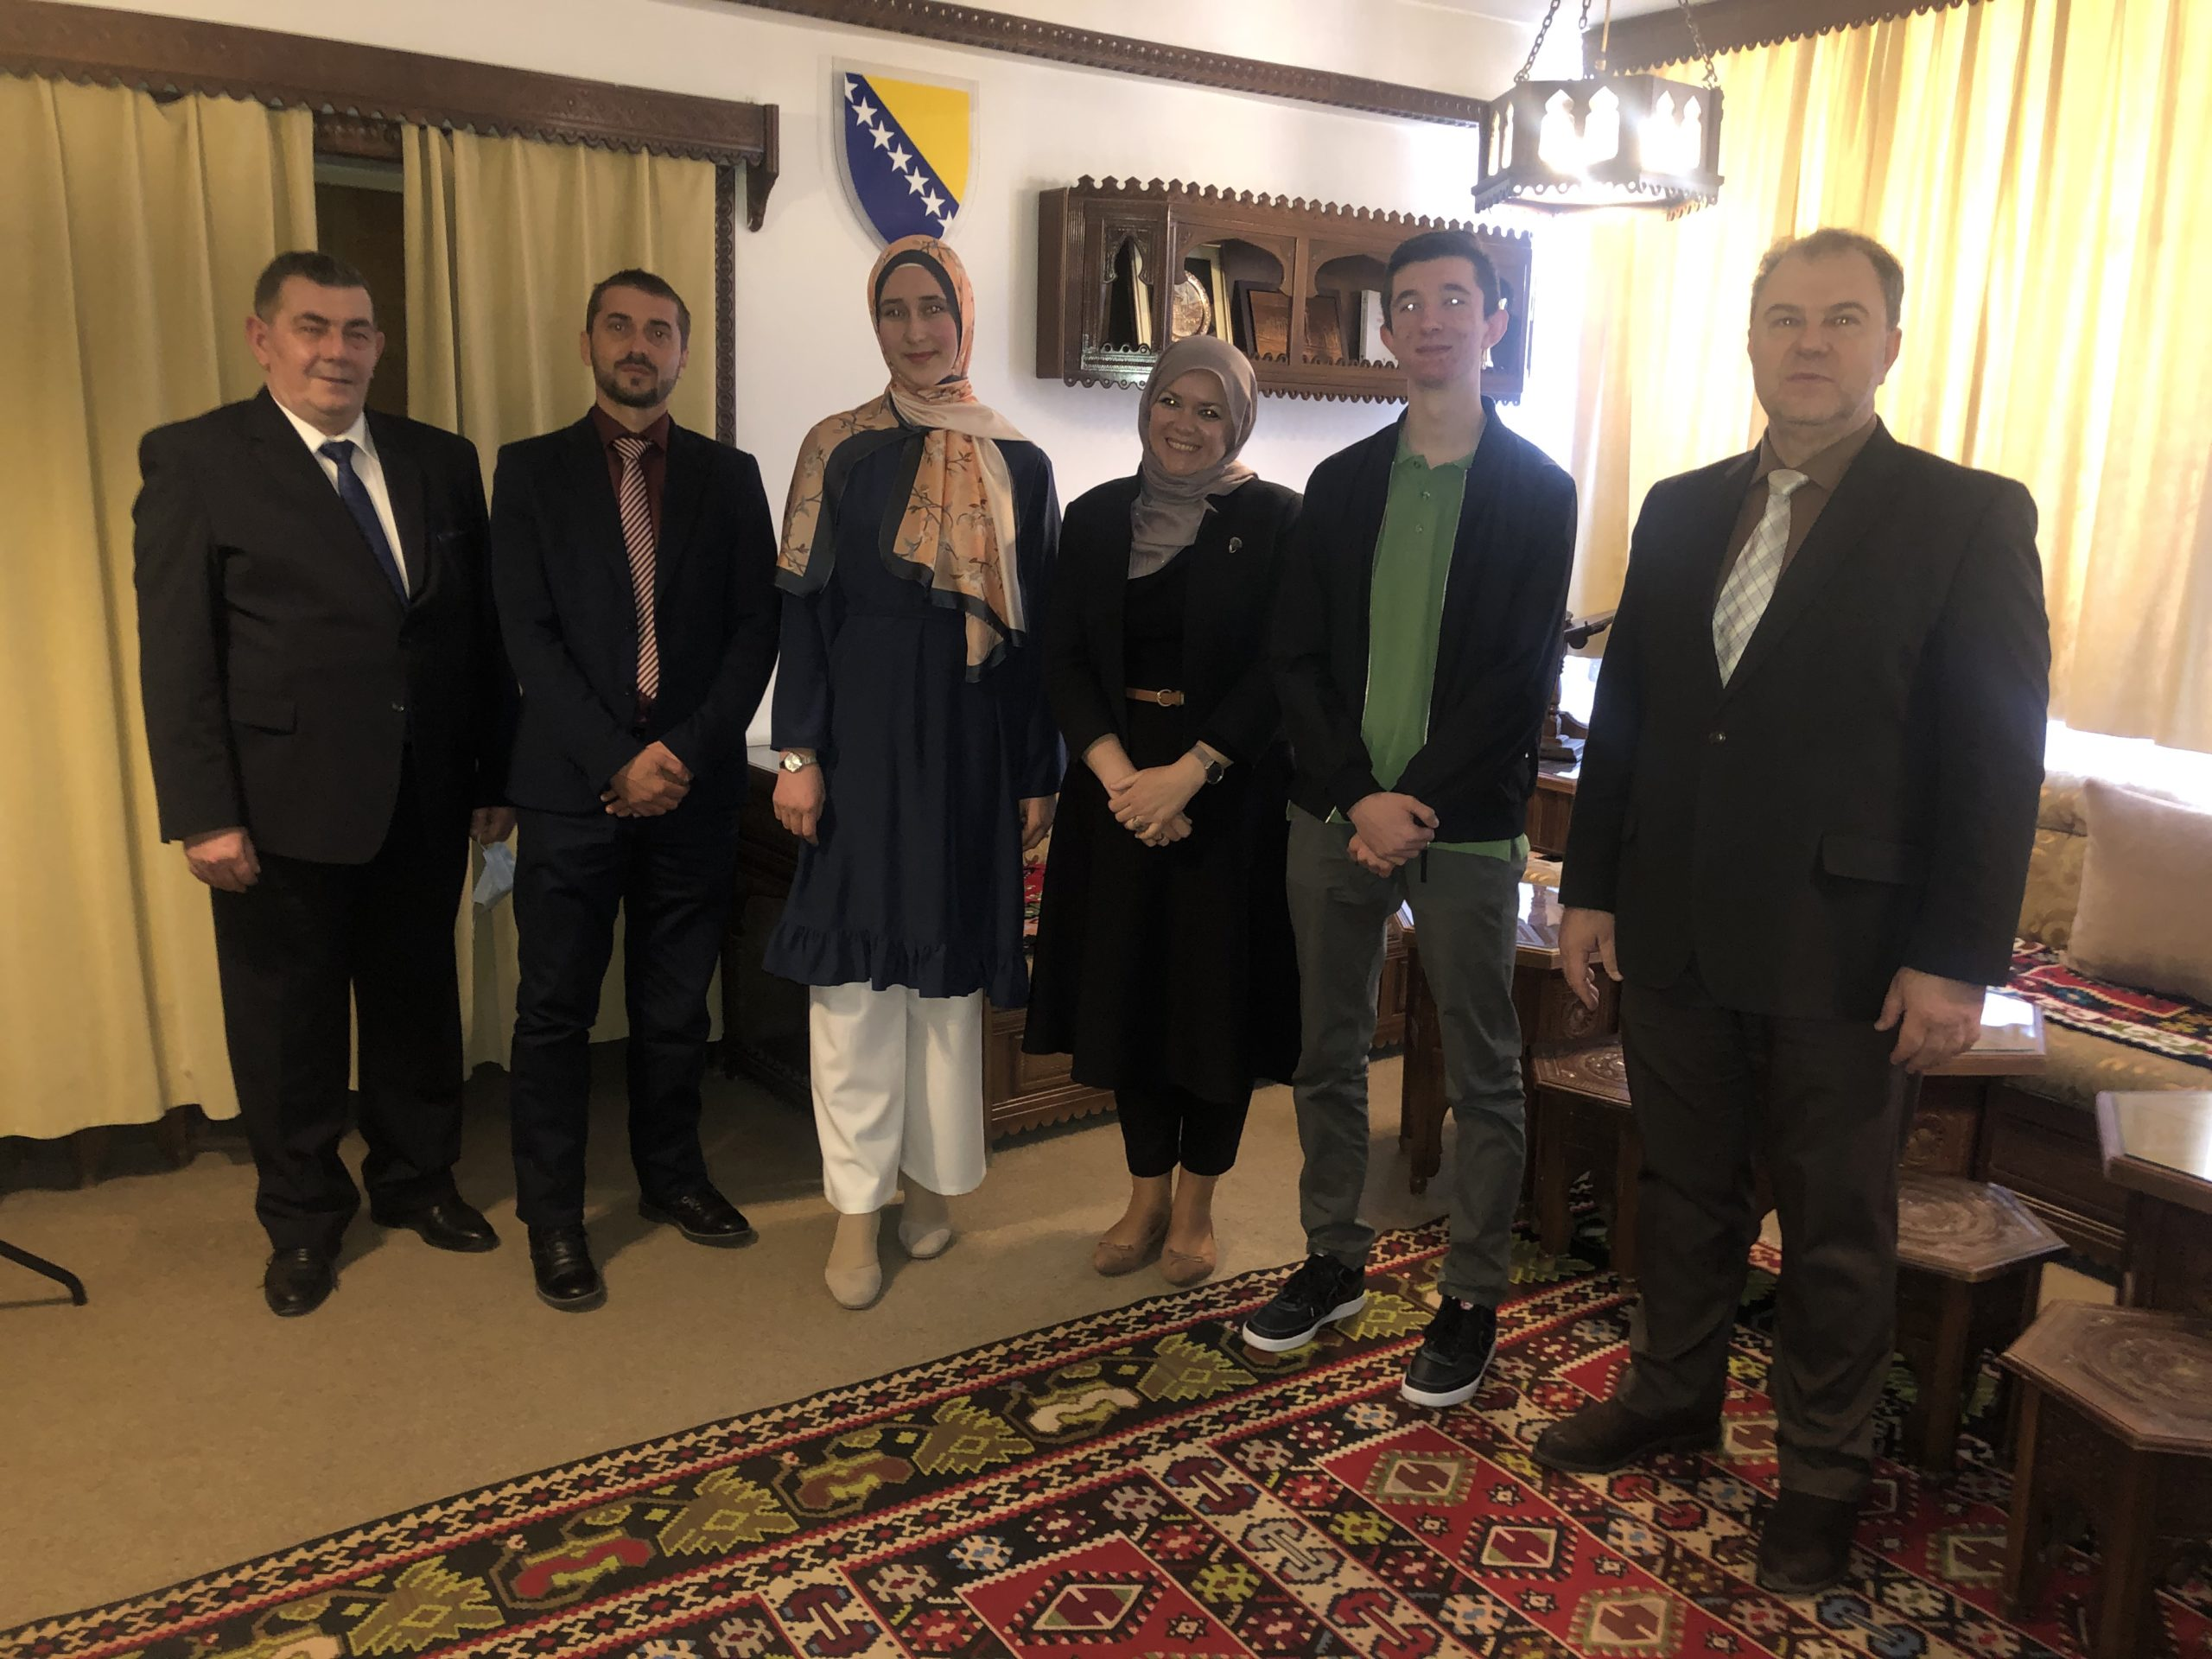 Učenici Medrese osvojili prva mjesta iz Bosanskog jezika u Kantonu Sarajevo